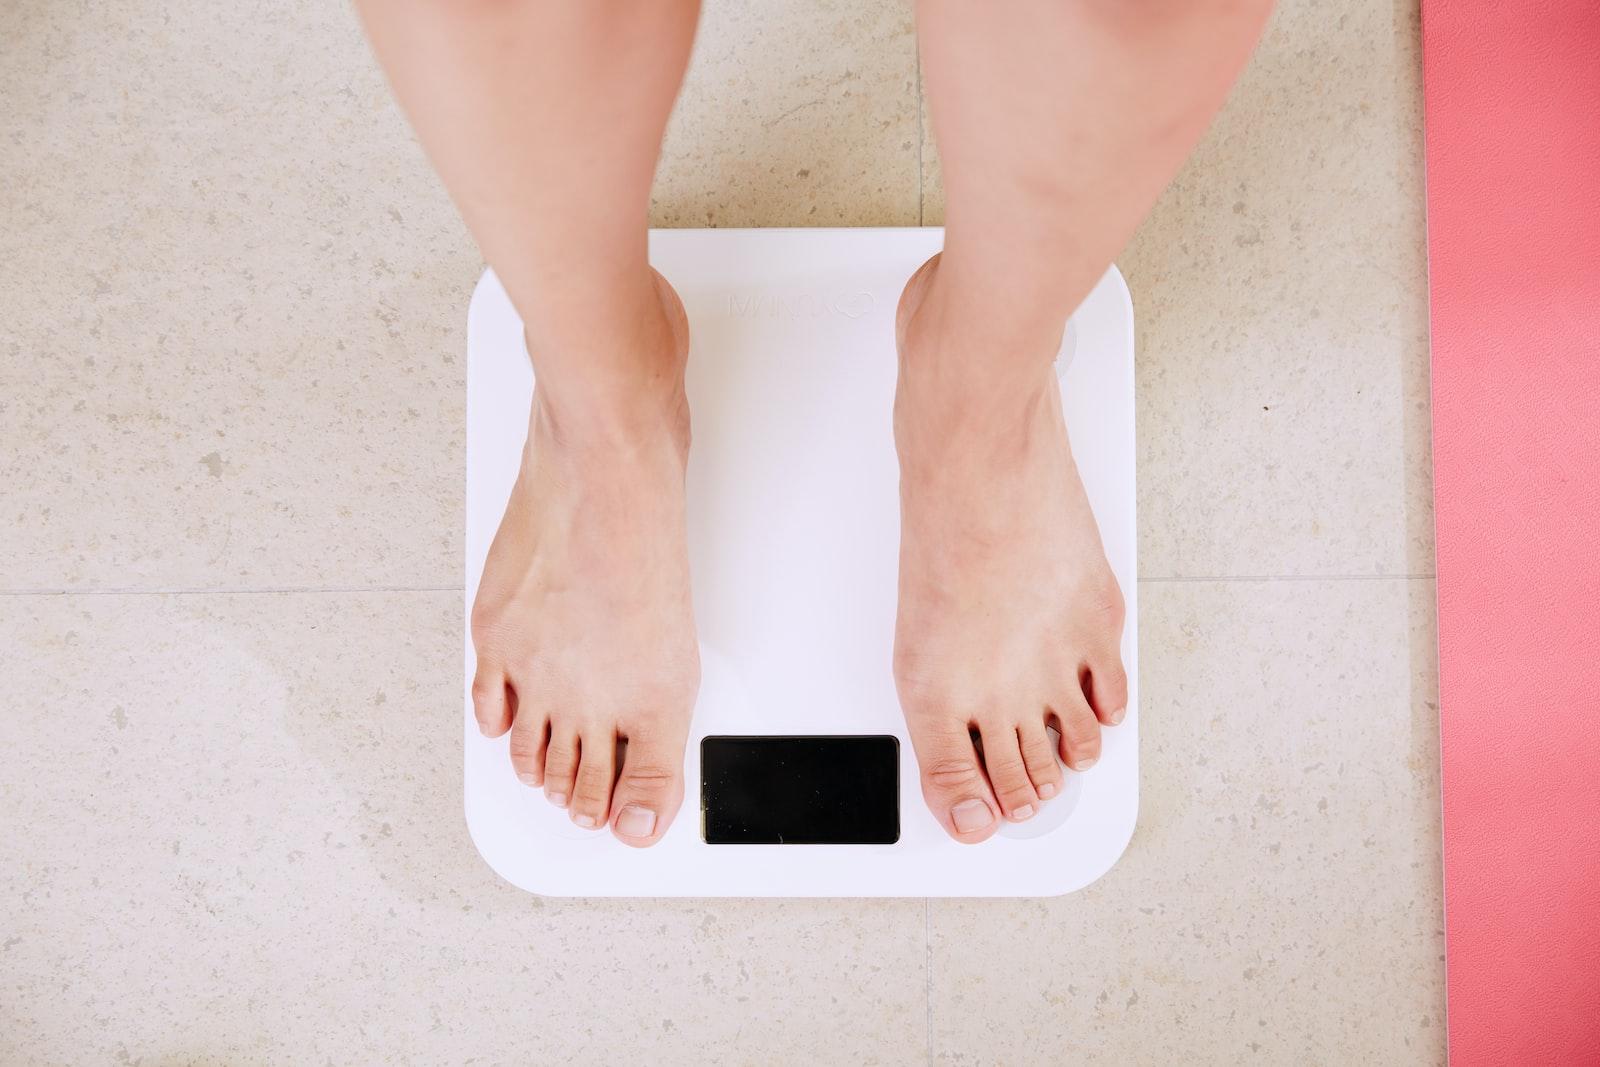 Udregning af fedtprocent